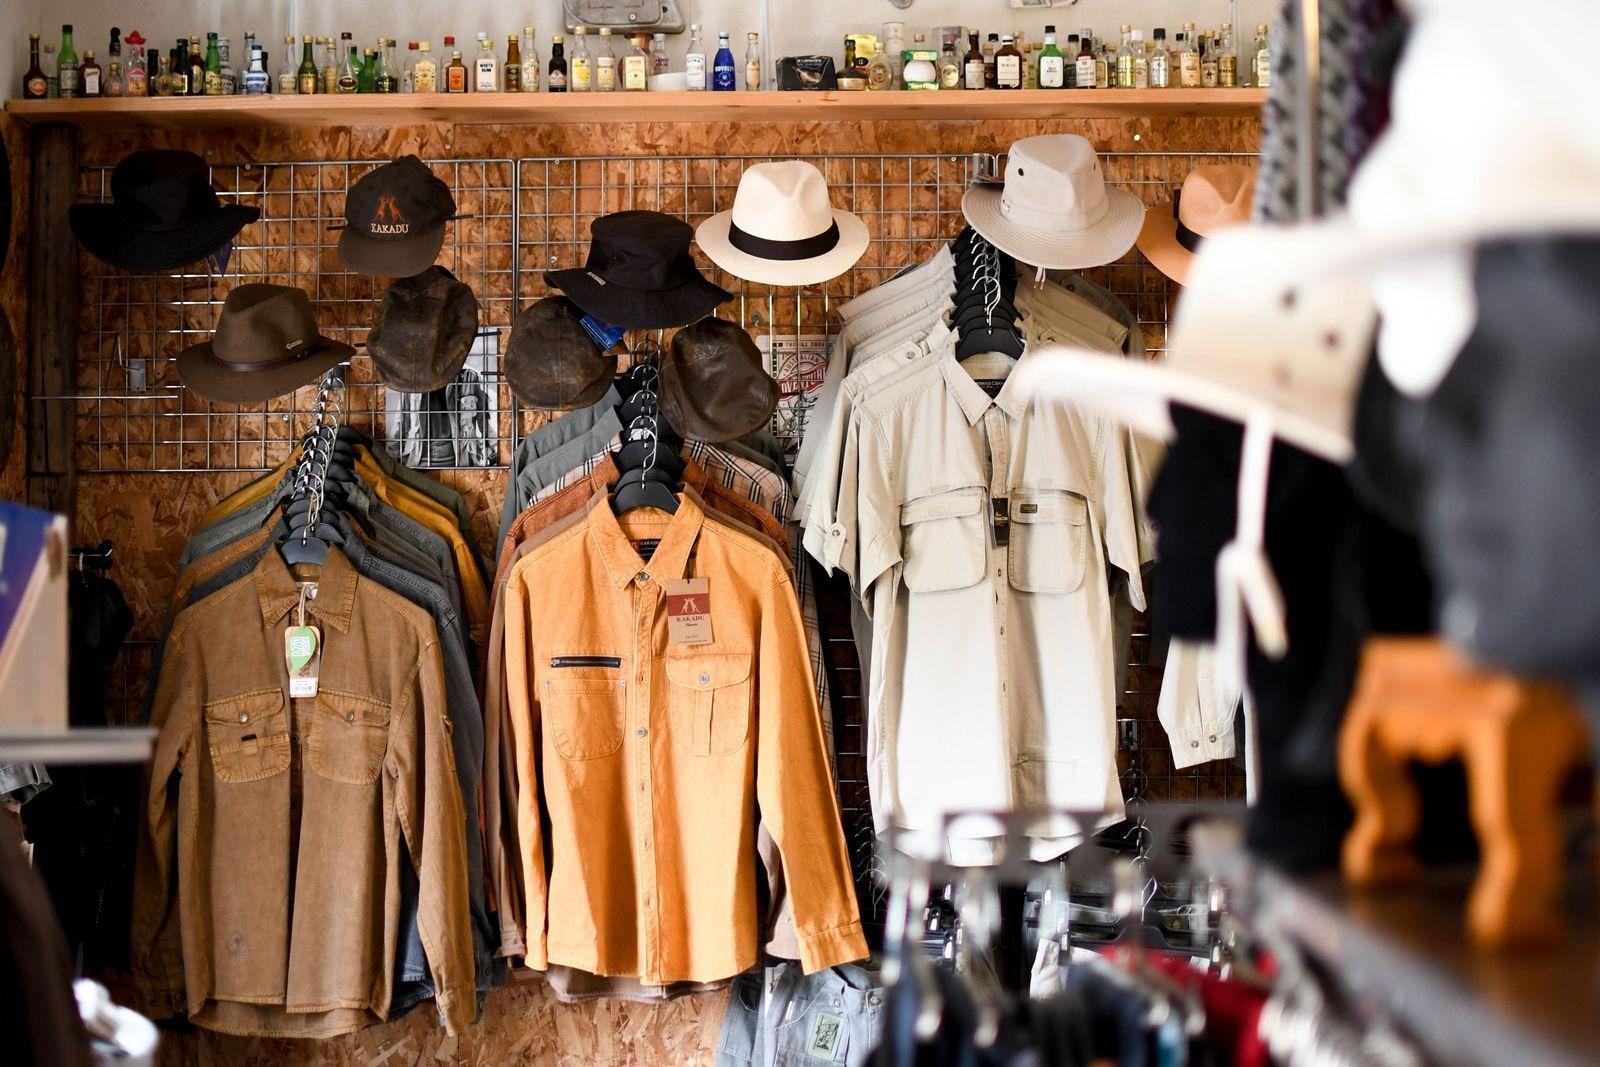 Även om huset är till försäljning kommer Jan Skölderud att fortsätta driva Nisses beklädnadsbutik tills han hittar rätt köpare som vill fortsätta att vårda Nisses hus.